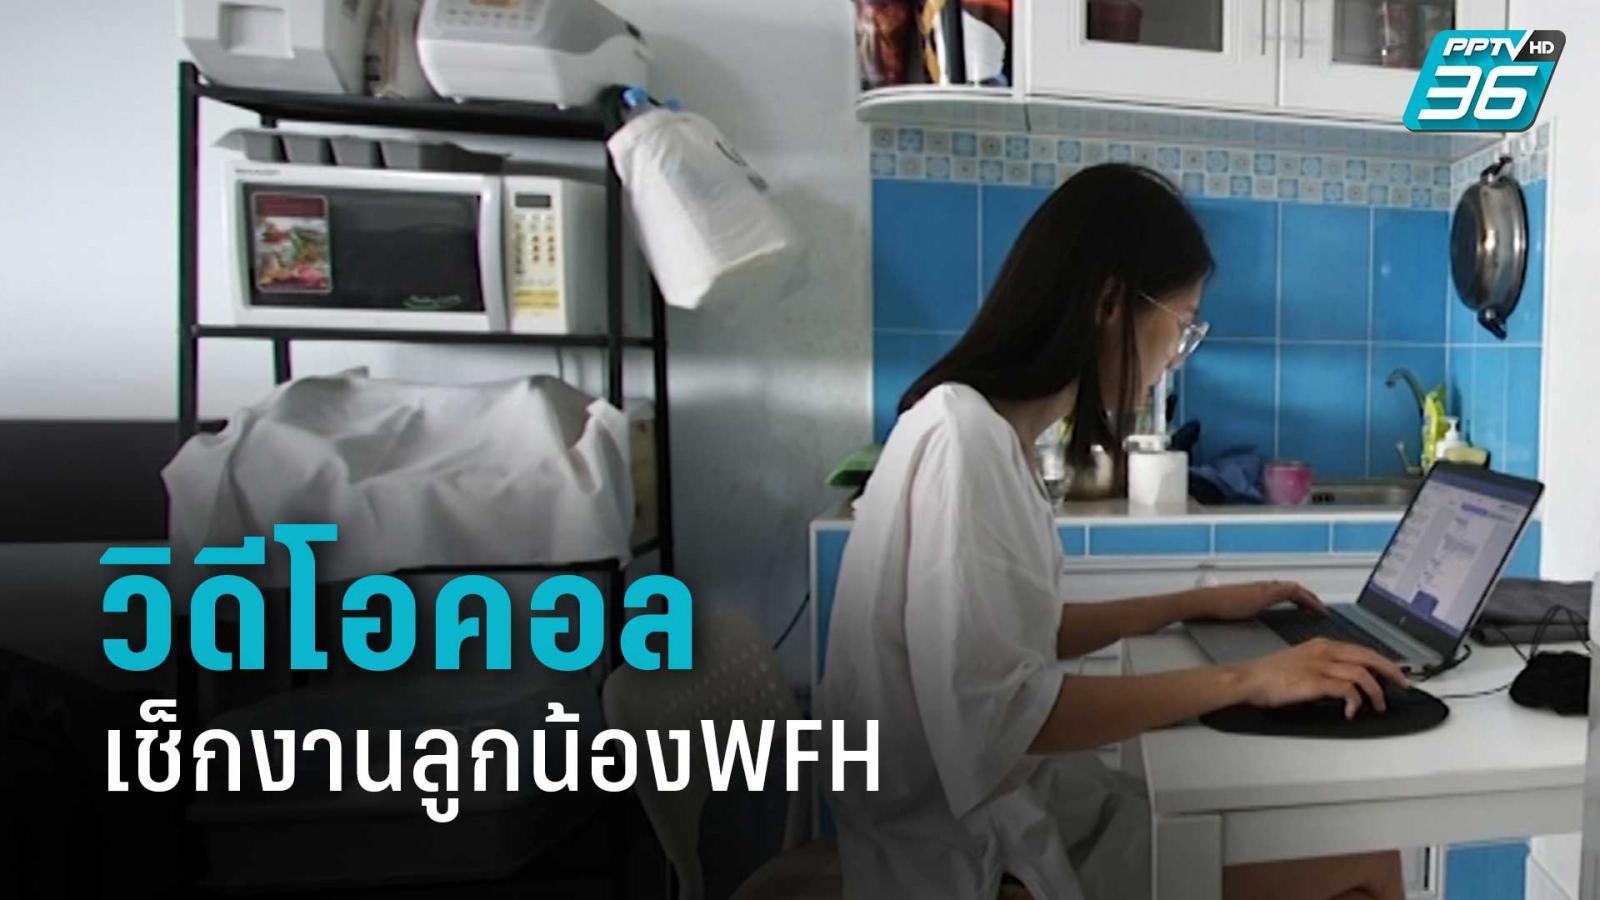 วิดีโอคอลวันละ 5 รอบ เช็กงานลูกน้อง WFH